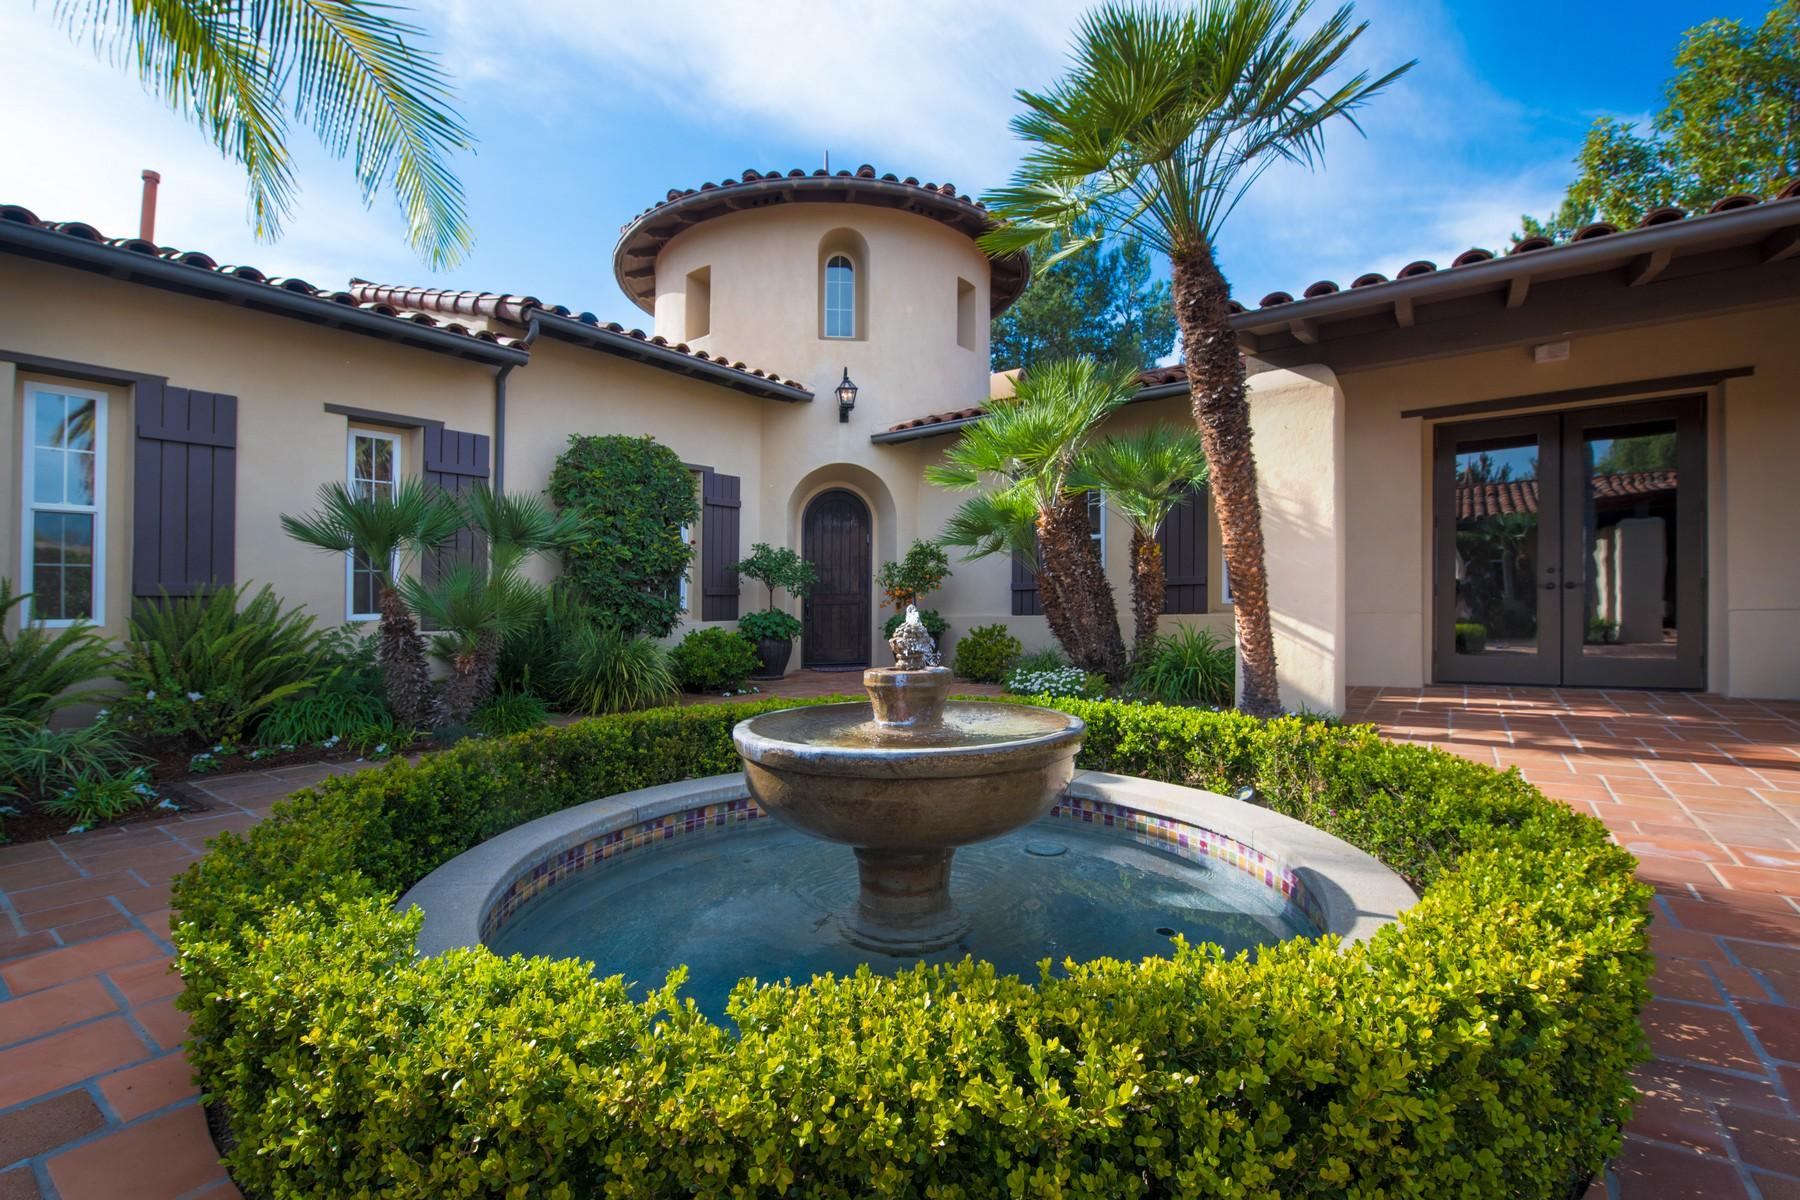 獨棟家庭住宅 為 出售 在 14146 Caminito Vistana San Diego, 加利福尼亞州, 92130 美國